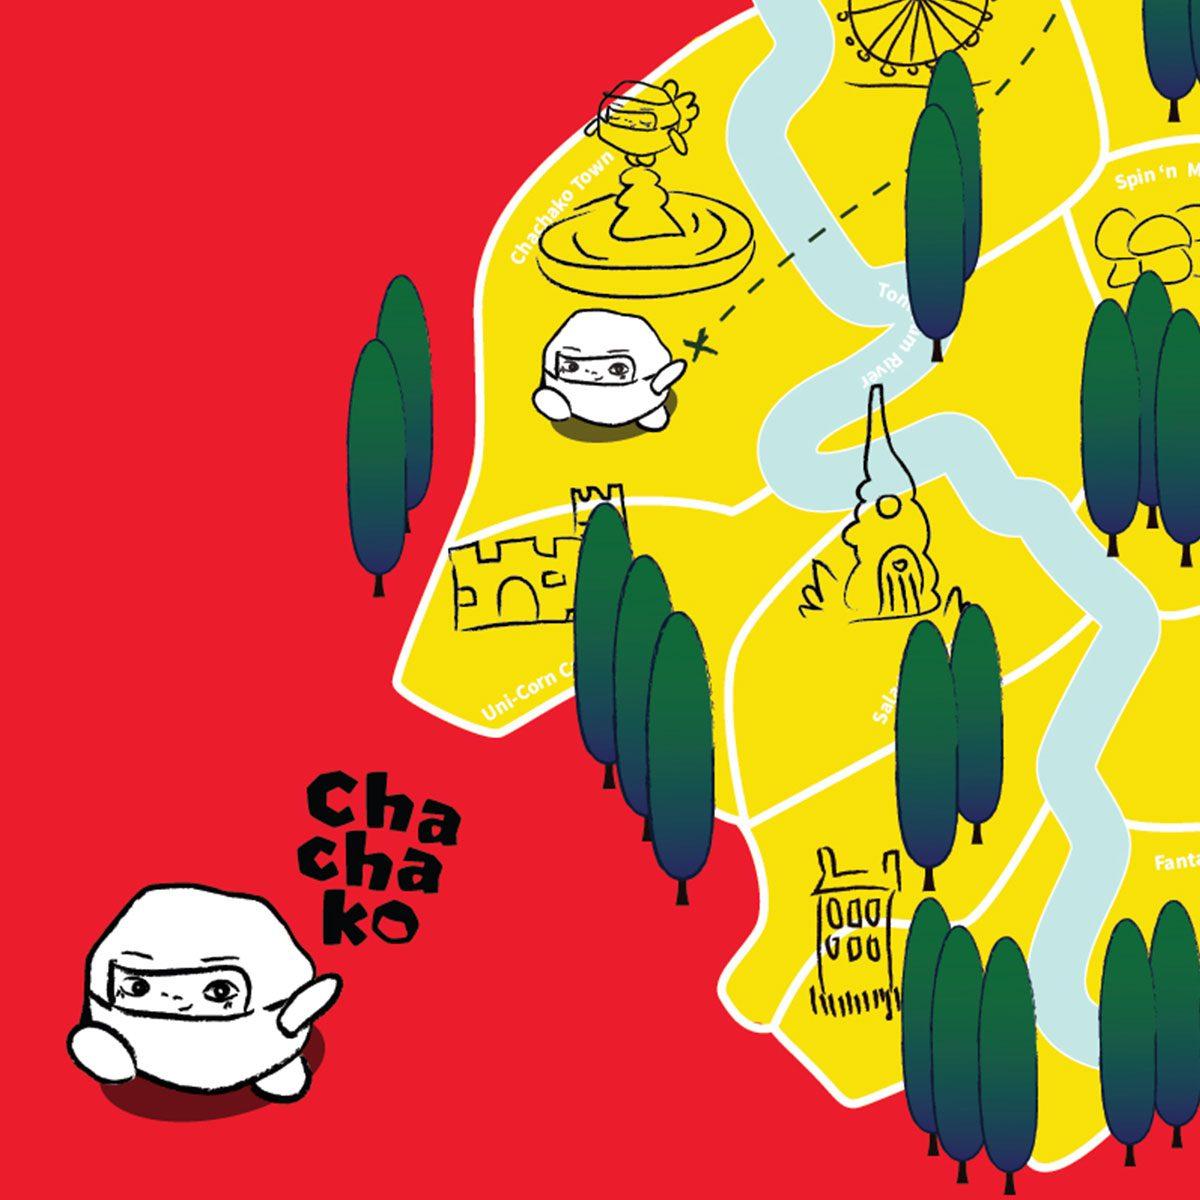 CHACHAKO